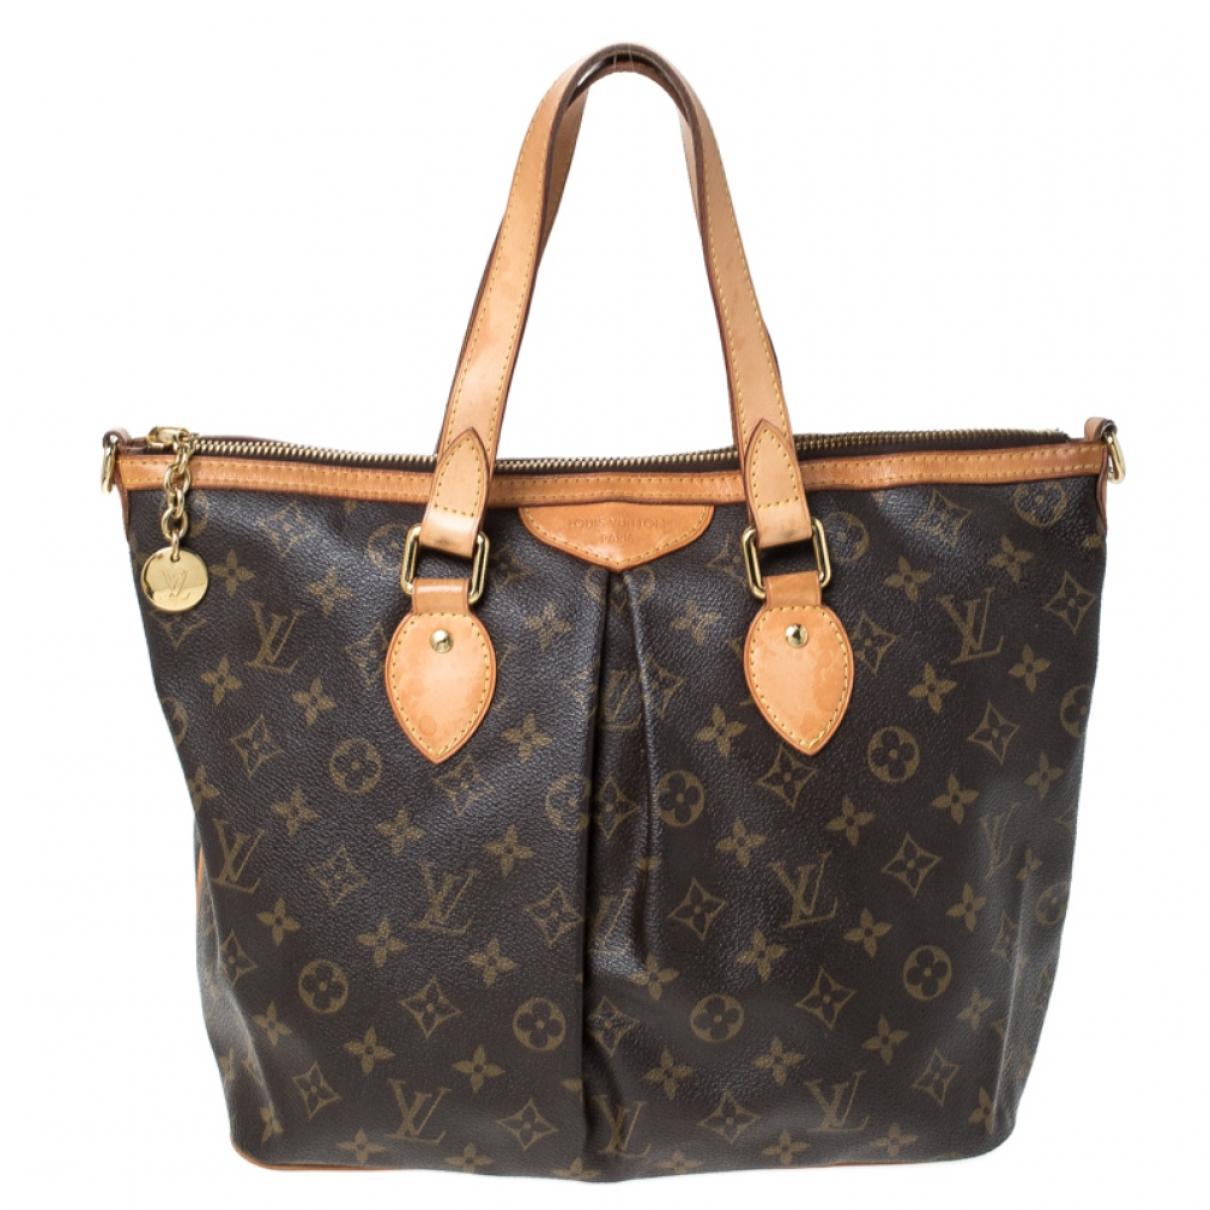 Louis Vuitton Palermo Brown Cloth handbag for Women N